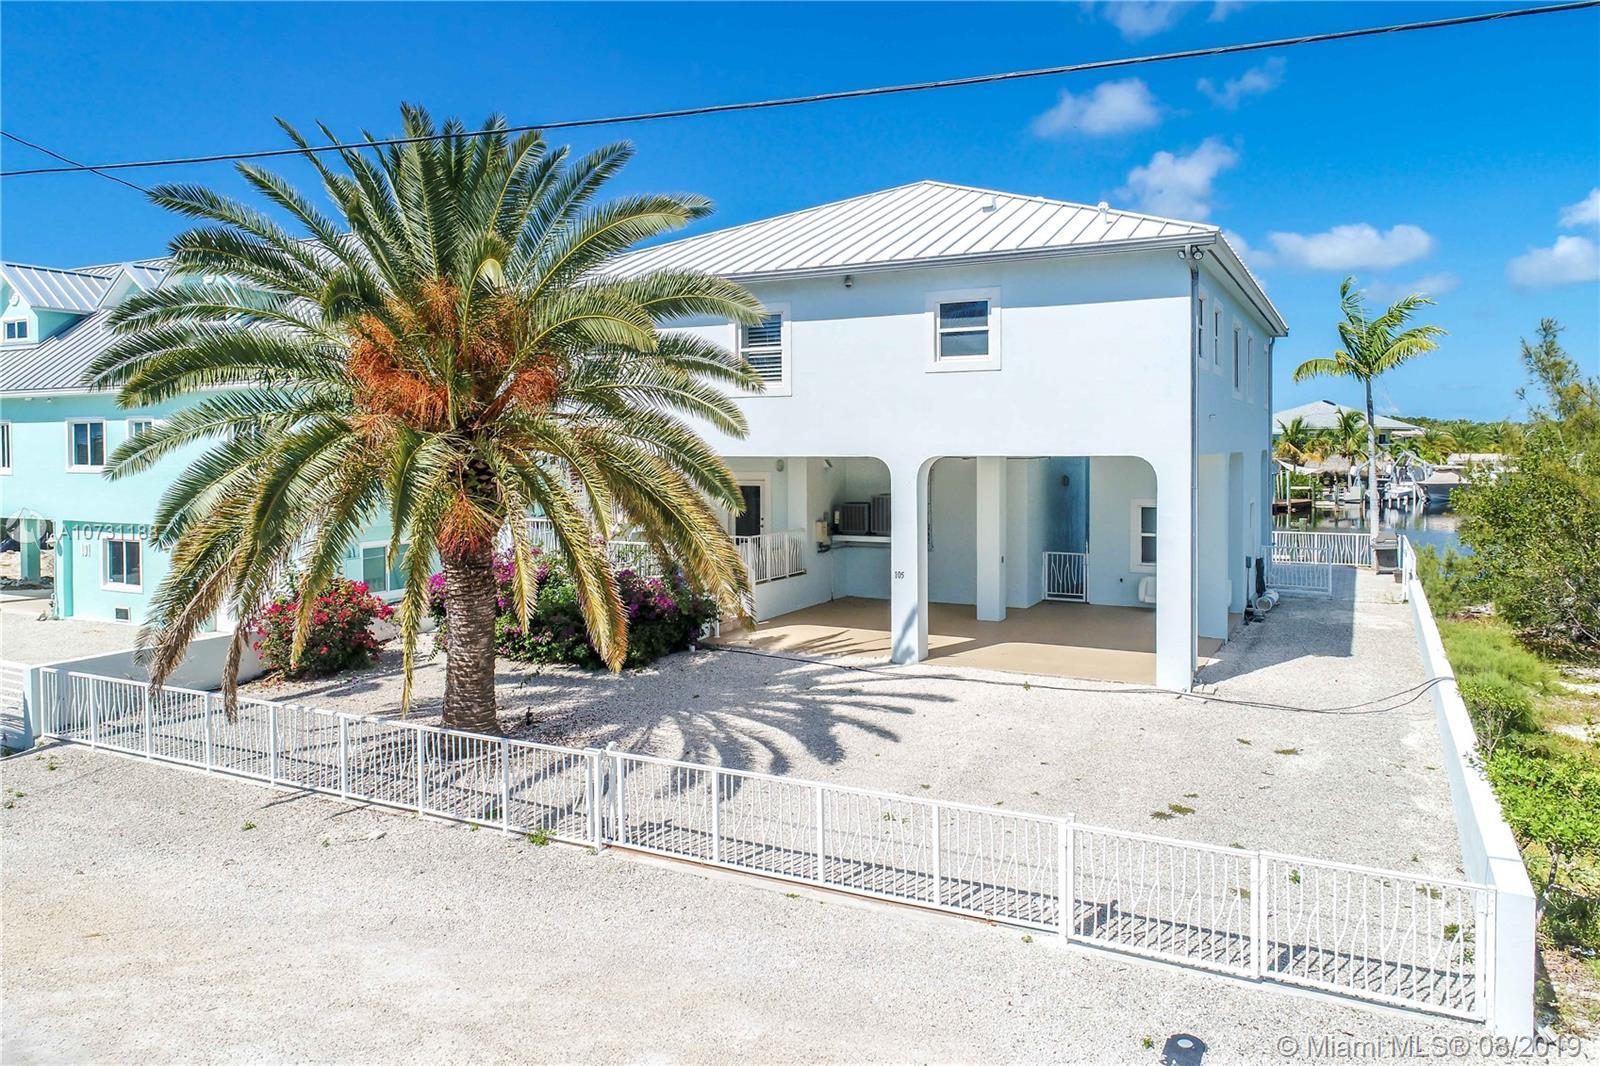 105 La Paloma Rd, Other City - Keys/Islands/Caribb, FL 33037 - Other City - Keys/Islands/Caribb, FL real estate listing